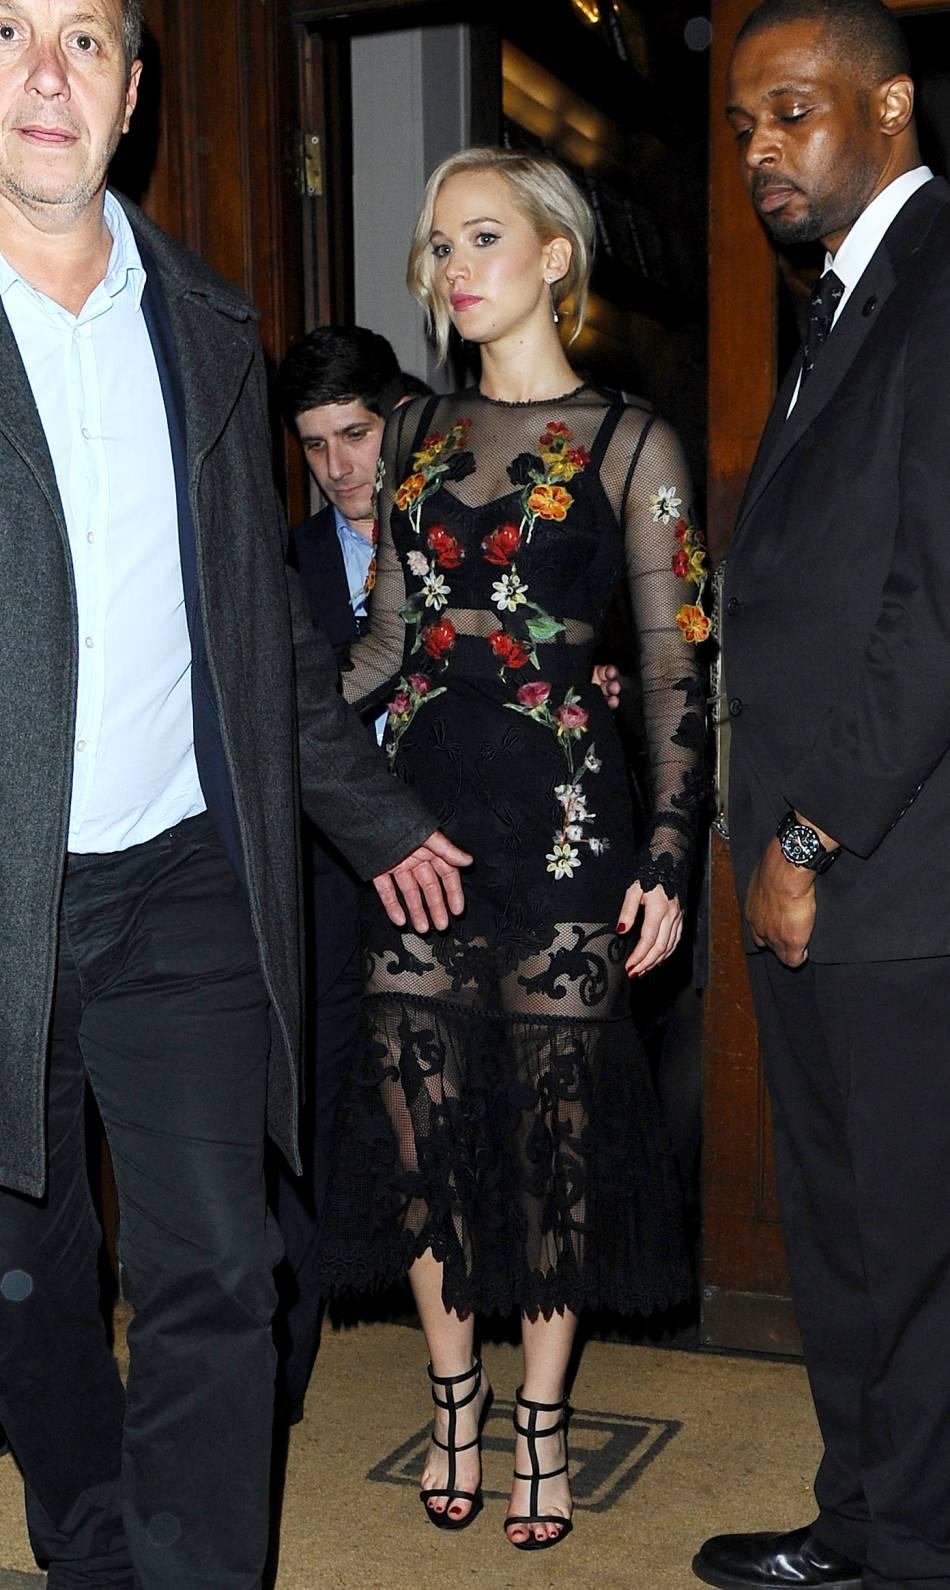 Jennifer Lawrence très sexy dans sa robe transparente à Londres le 6 novembre 2015.